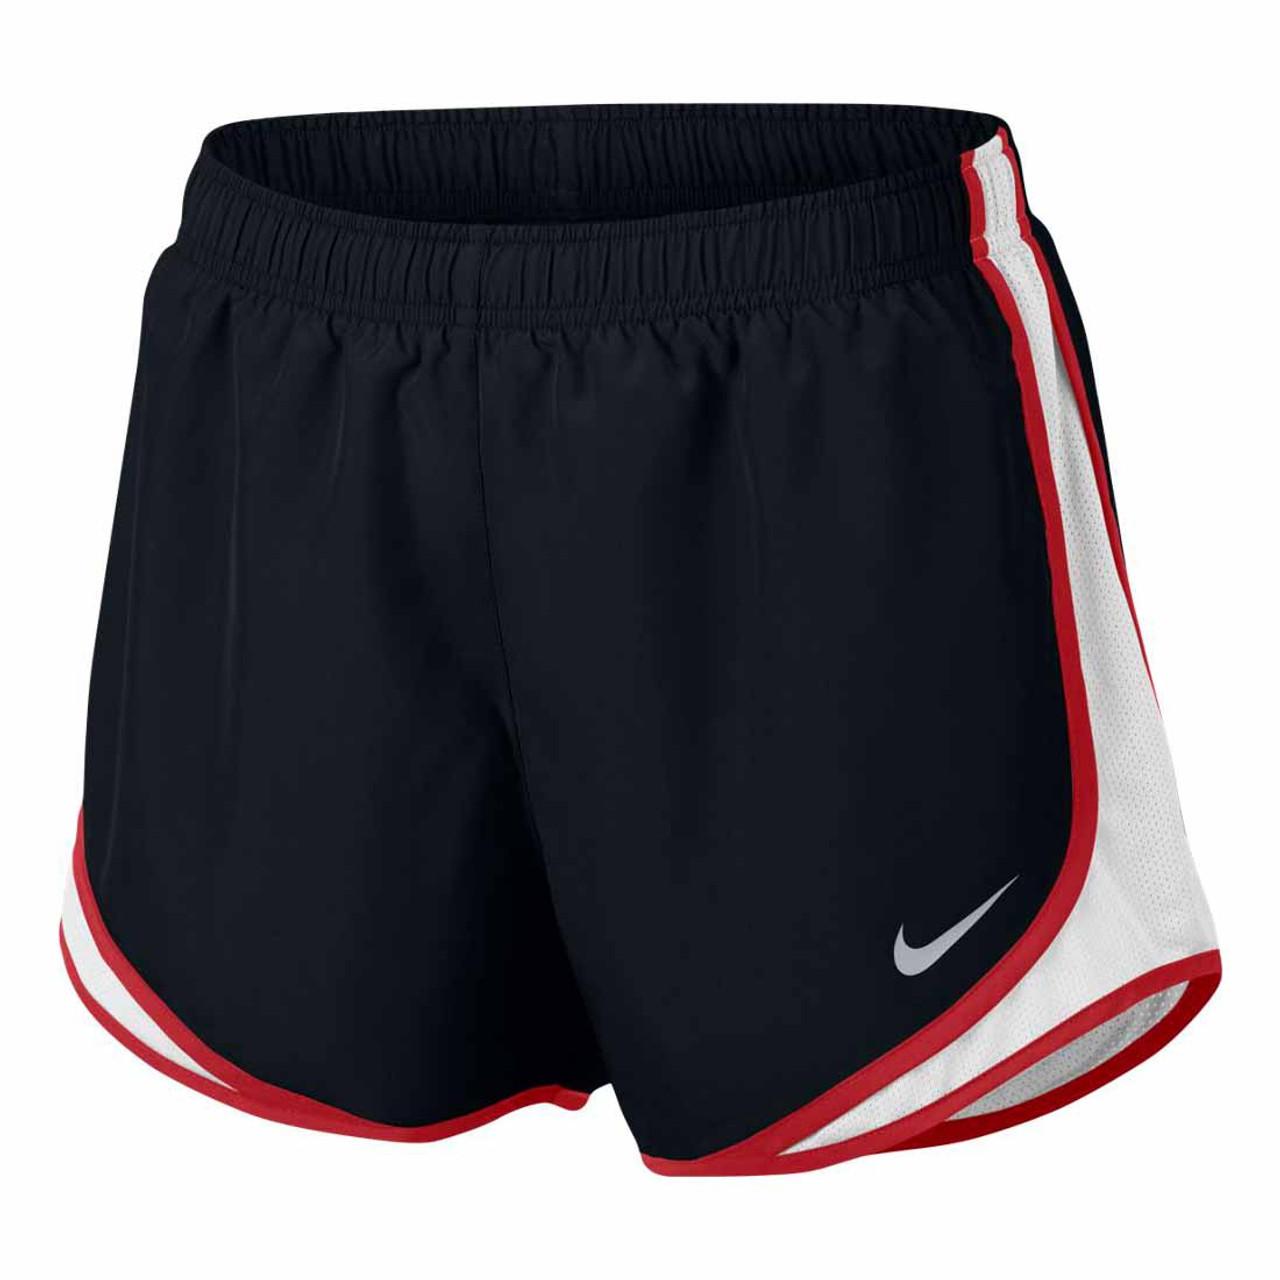 472b3d513 Women's Black/White/Sport Red Nike Tempo Running Shorts - TYLER'S